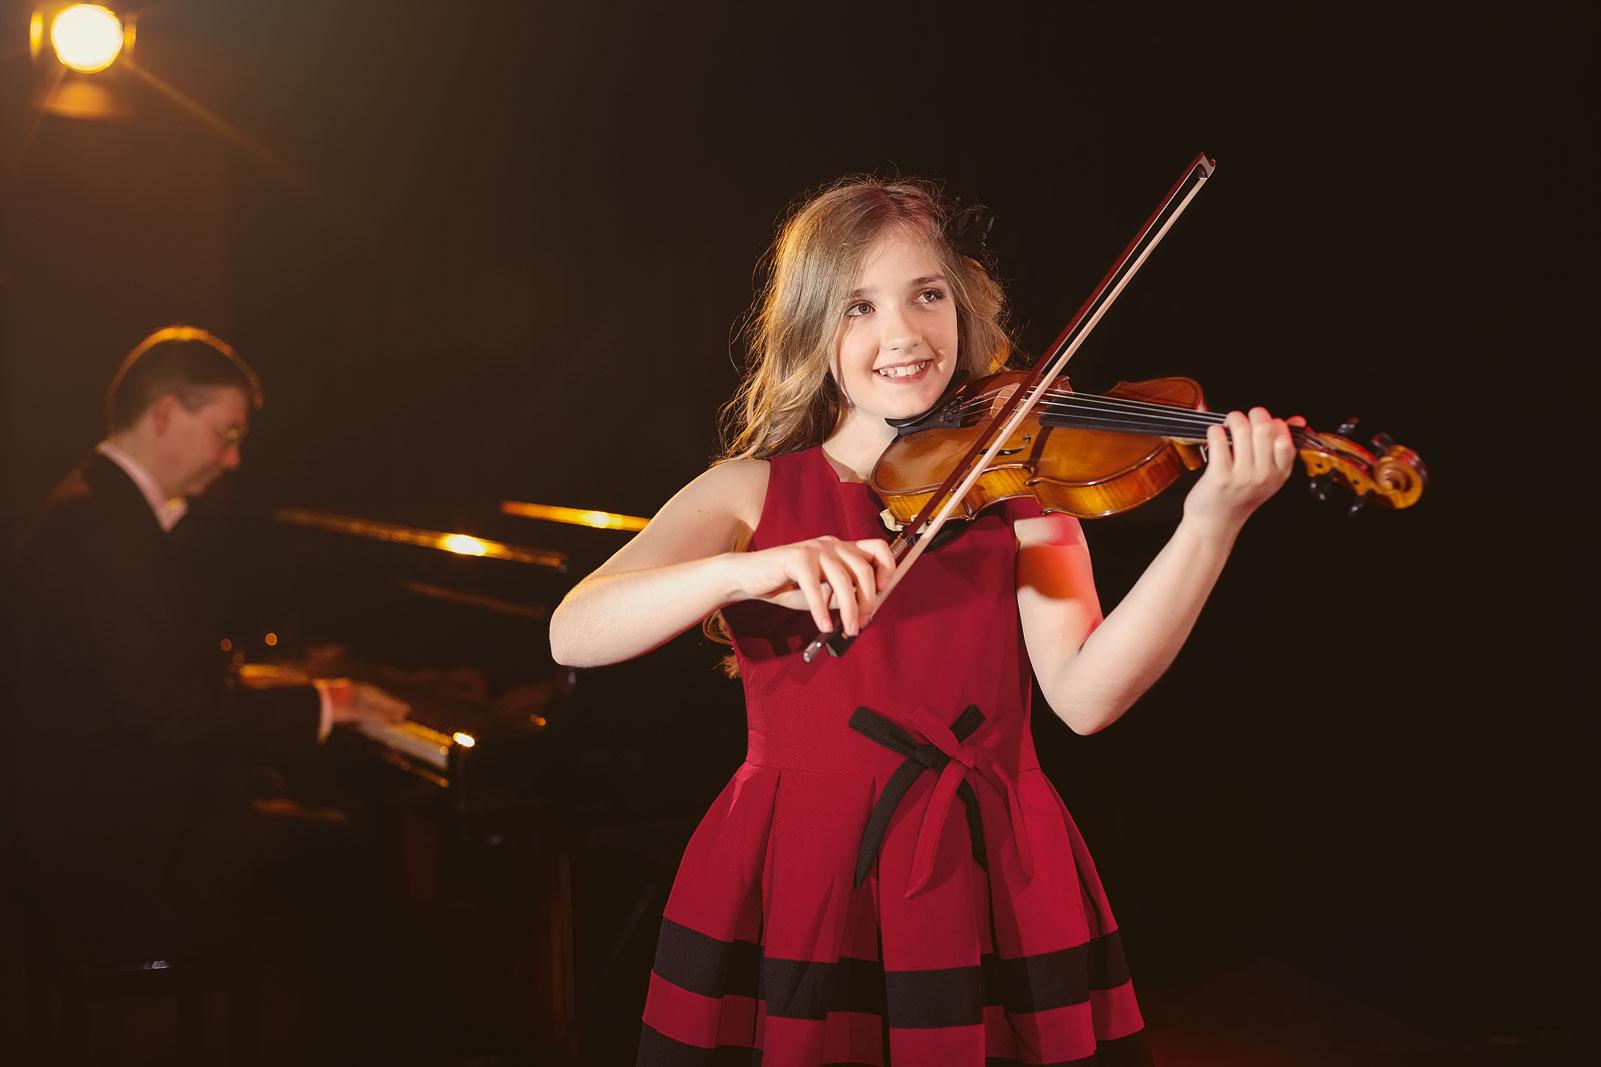 Geige Mädchen Klavier Musik musizieren rotes Kleid Musik